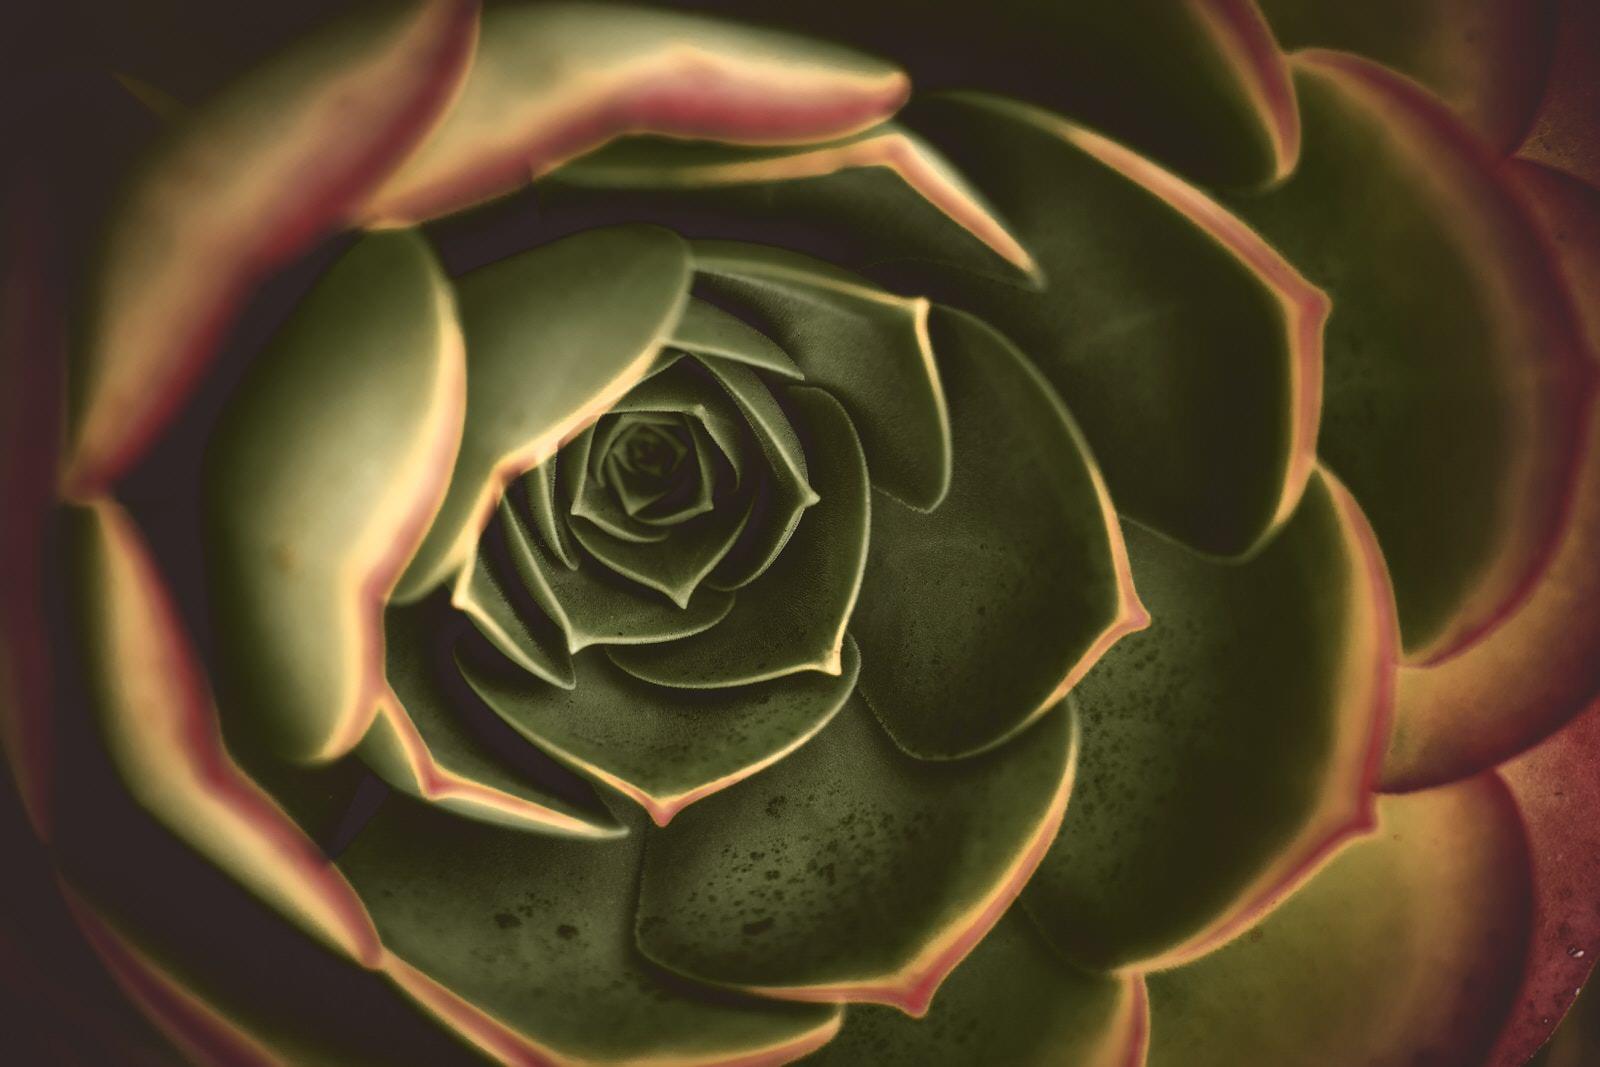 Golden Ratio in Flower Example